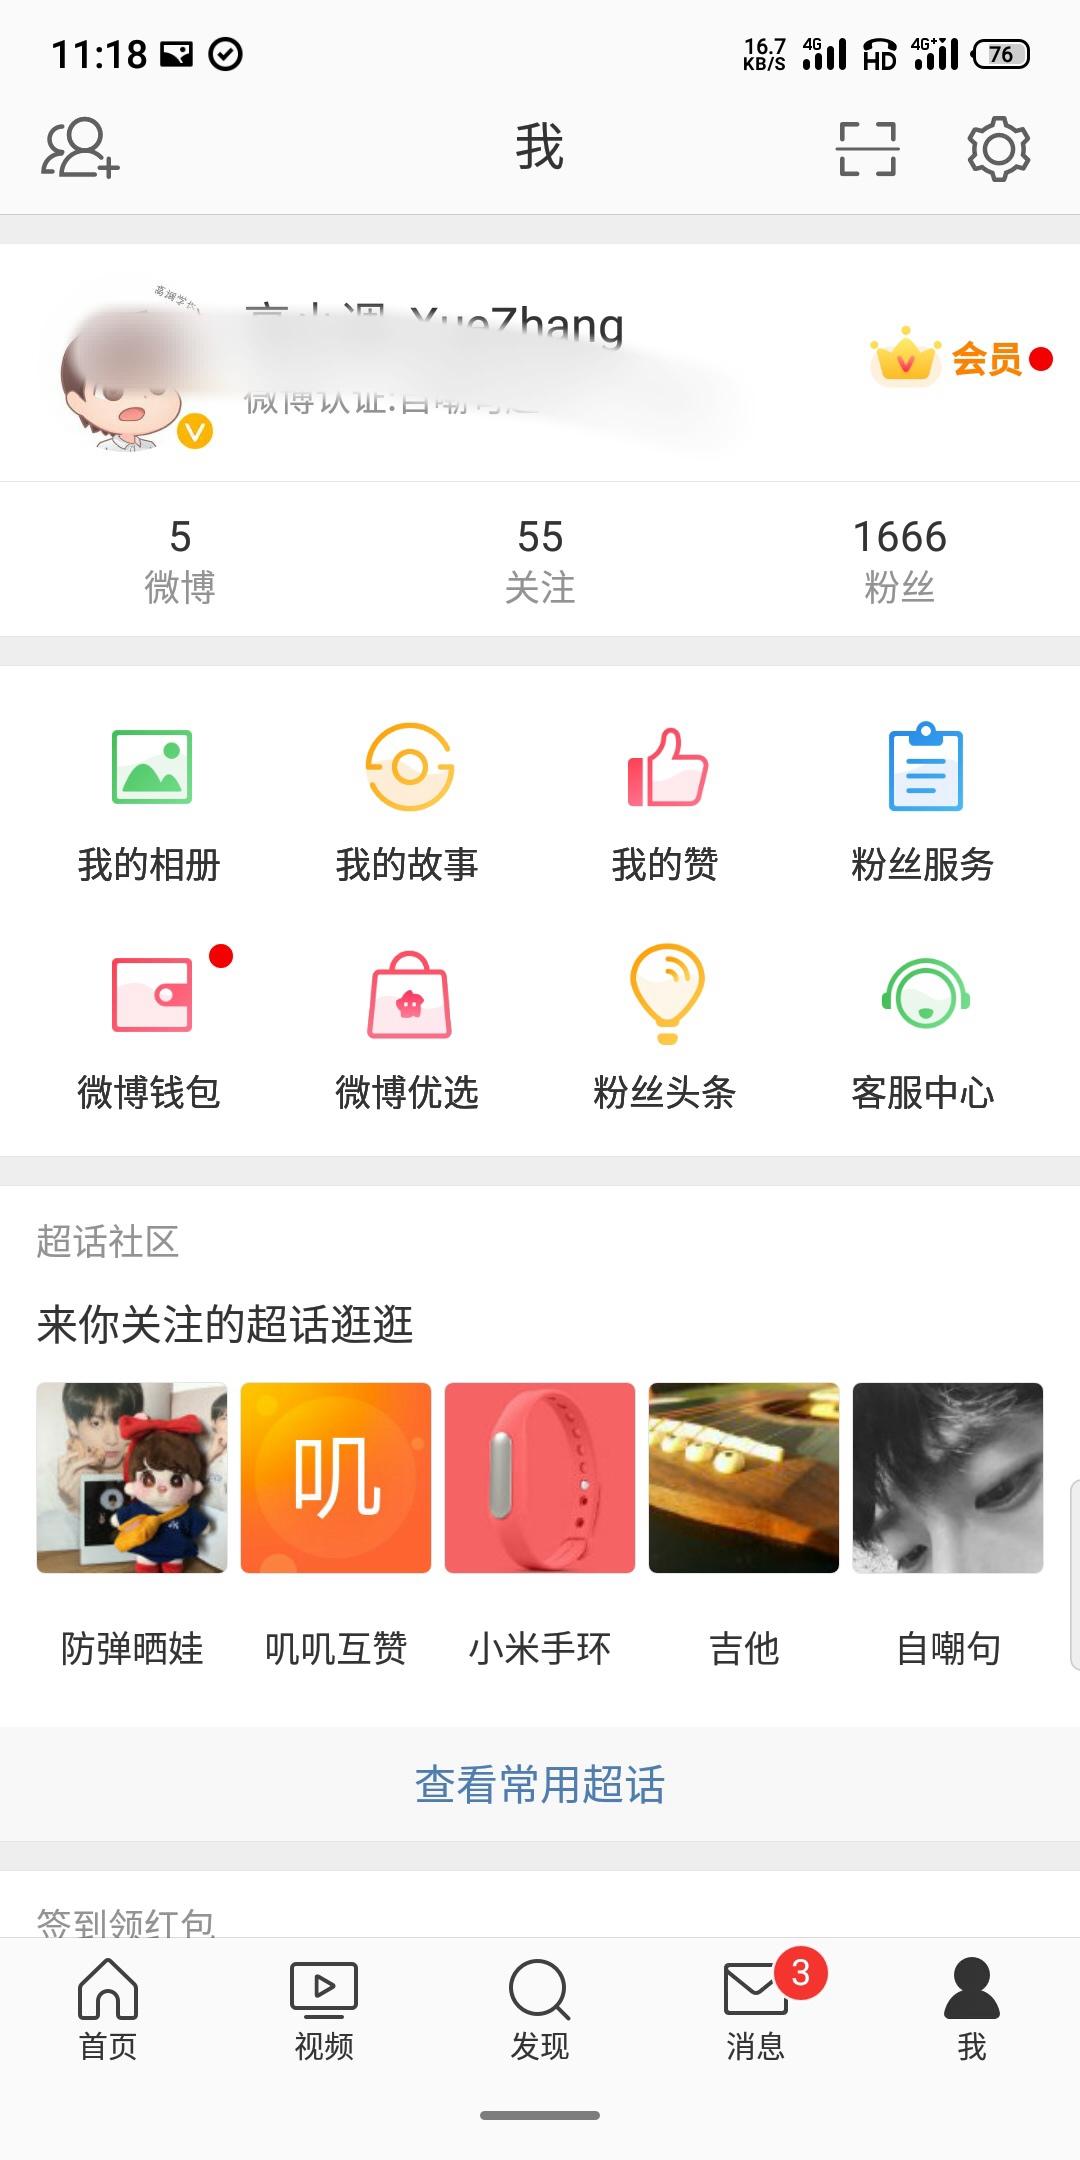 【分享】新浪微博 V9.12.0谷歌修改版,关注实时焦点良心!